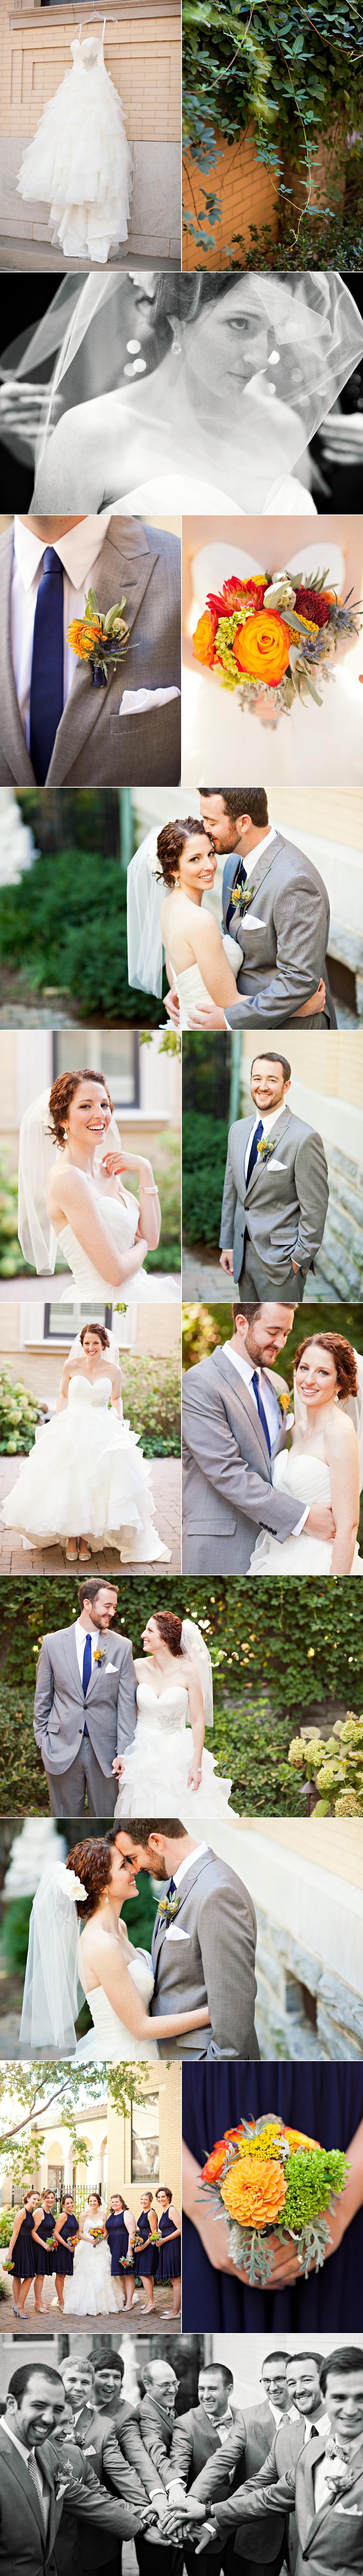 Nashville_Wedding_Photographer_1